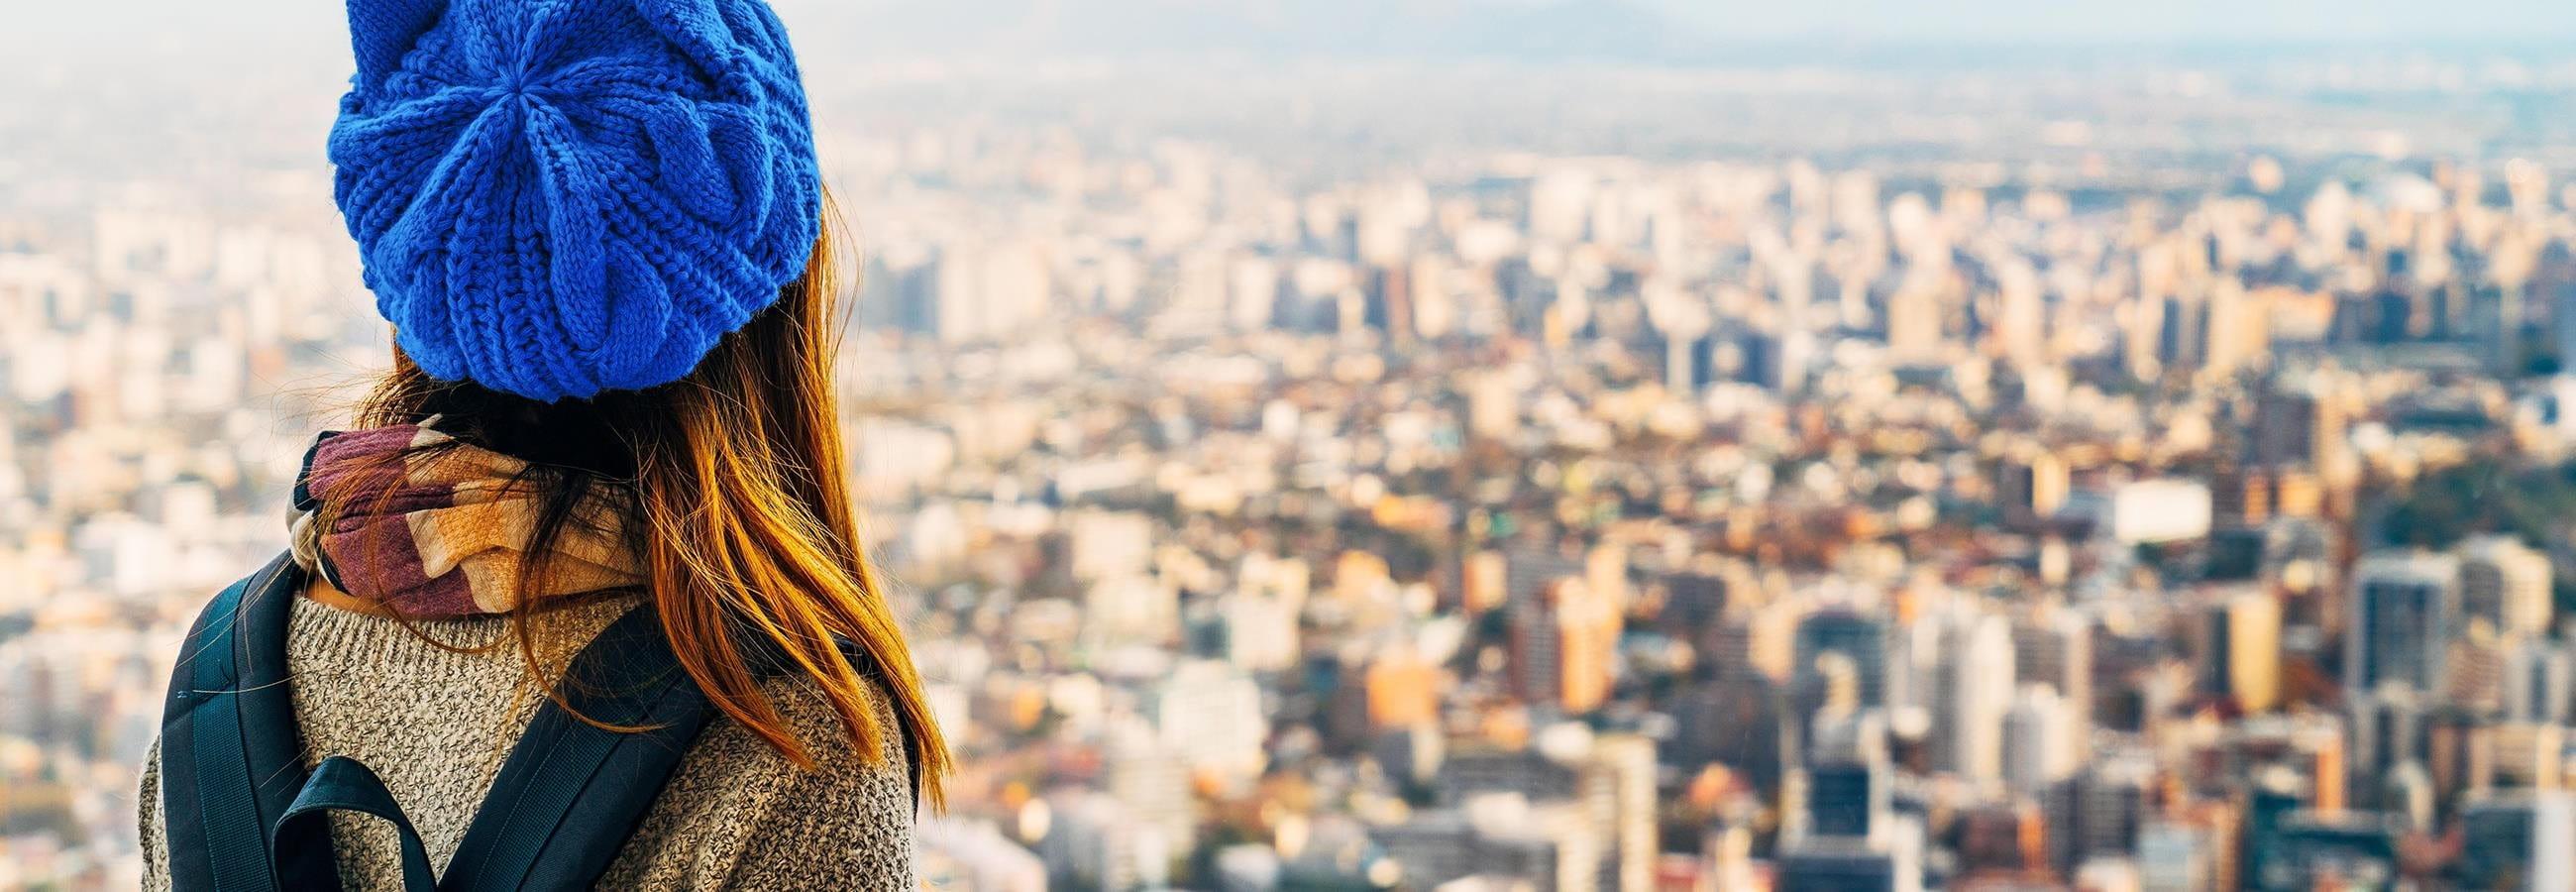 La donna osserva sopra una città